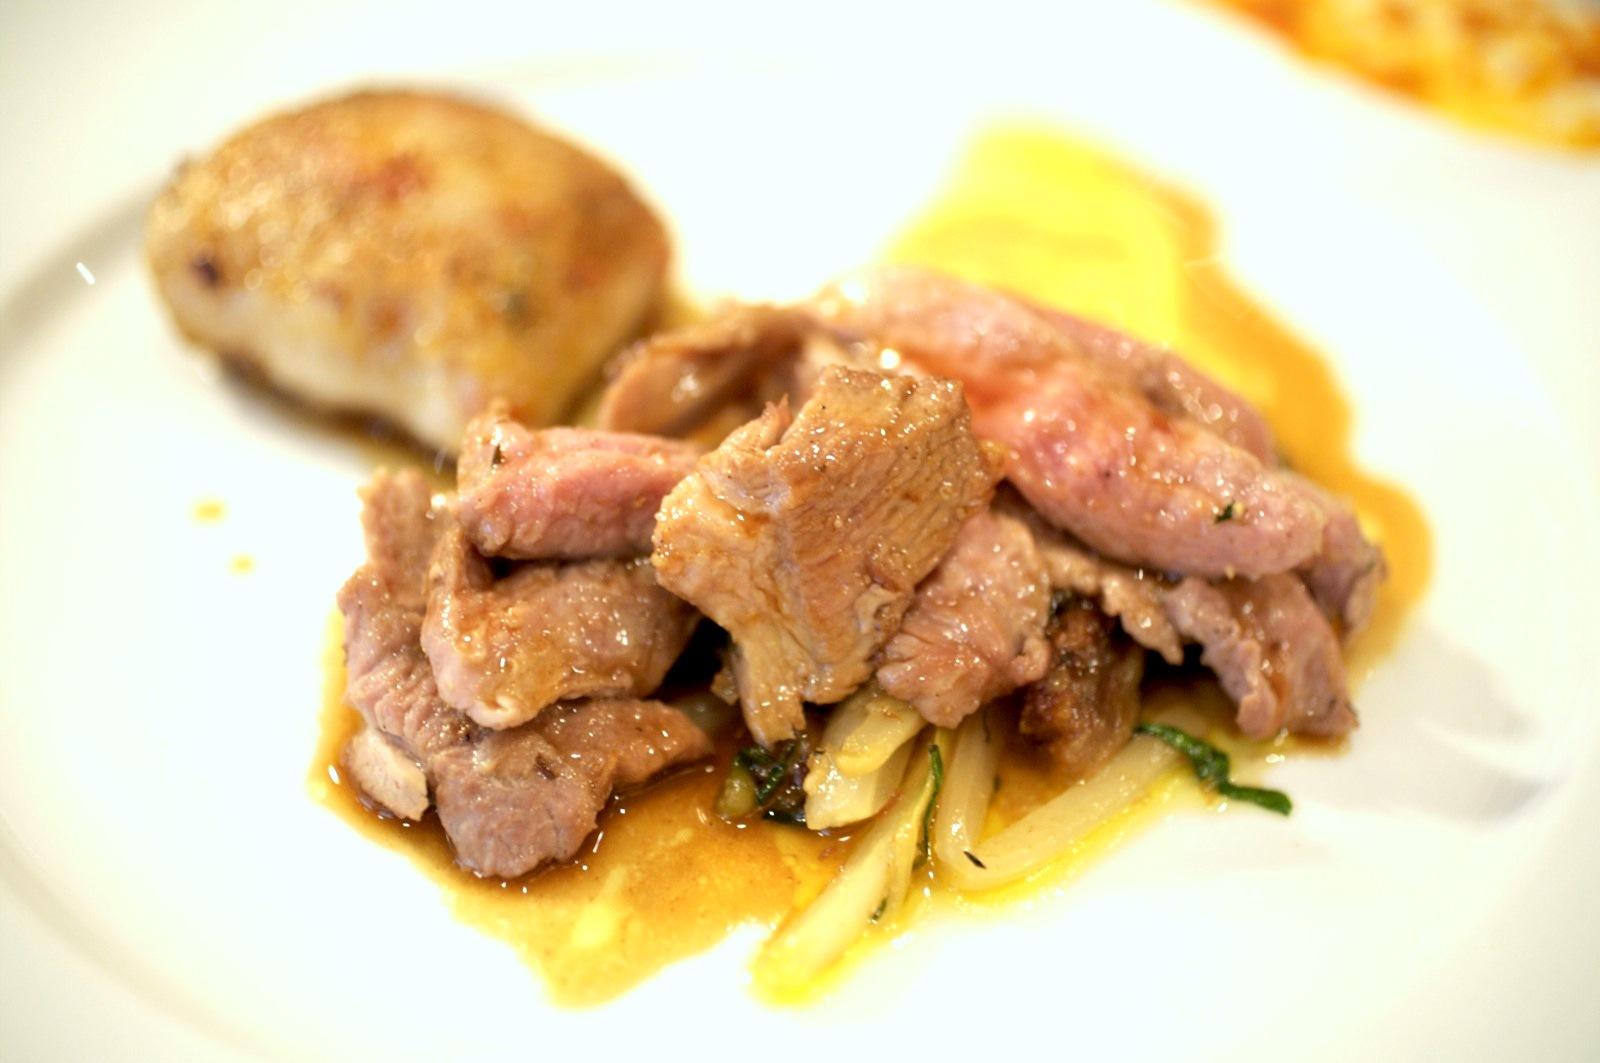 Pierre Gagnaire, Paris - Gigot d'agneau de lait rôti au colombo; Caillette de légumes de printemps